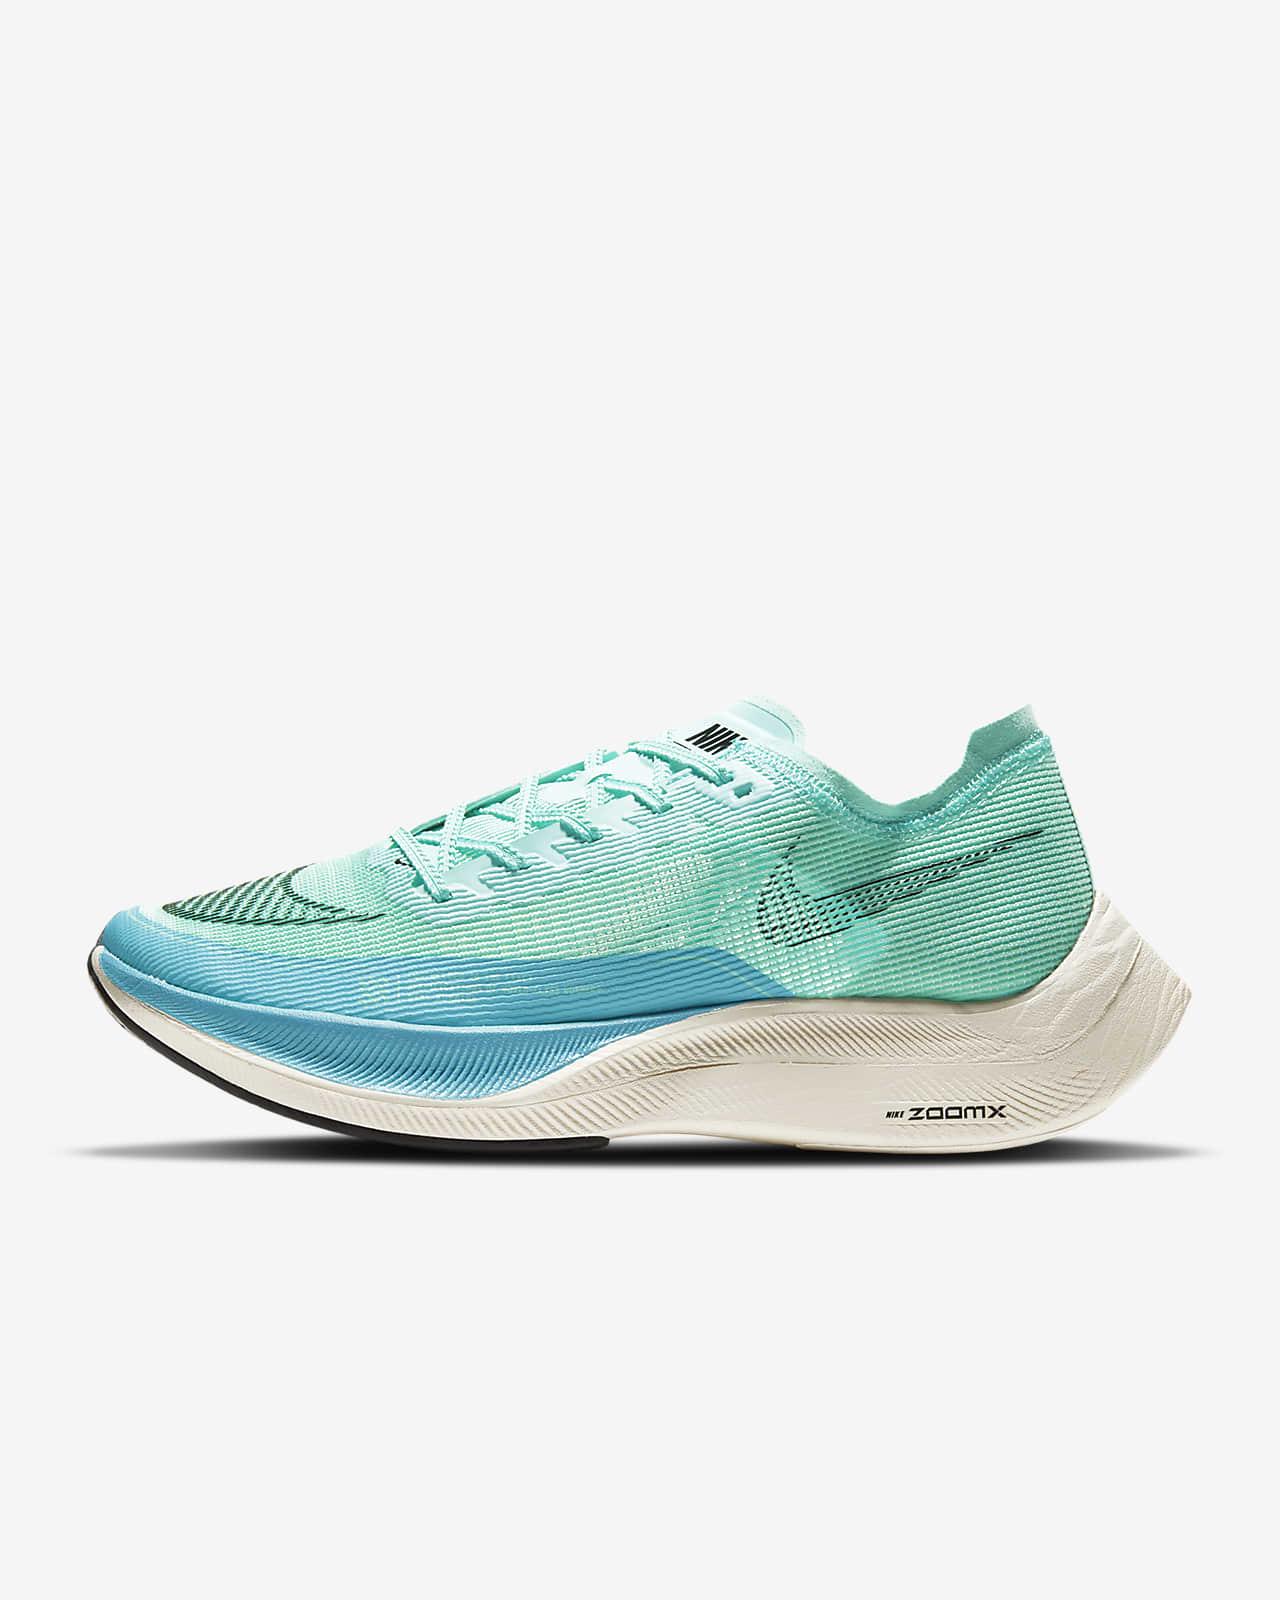 Chaussure de course sur route Nike ZoomX Vaporfly Next%2 pour Homme